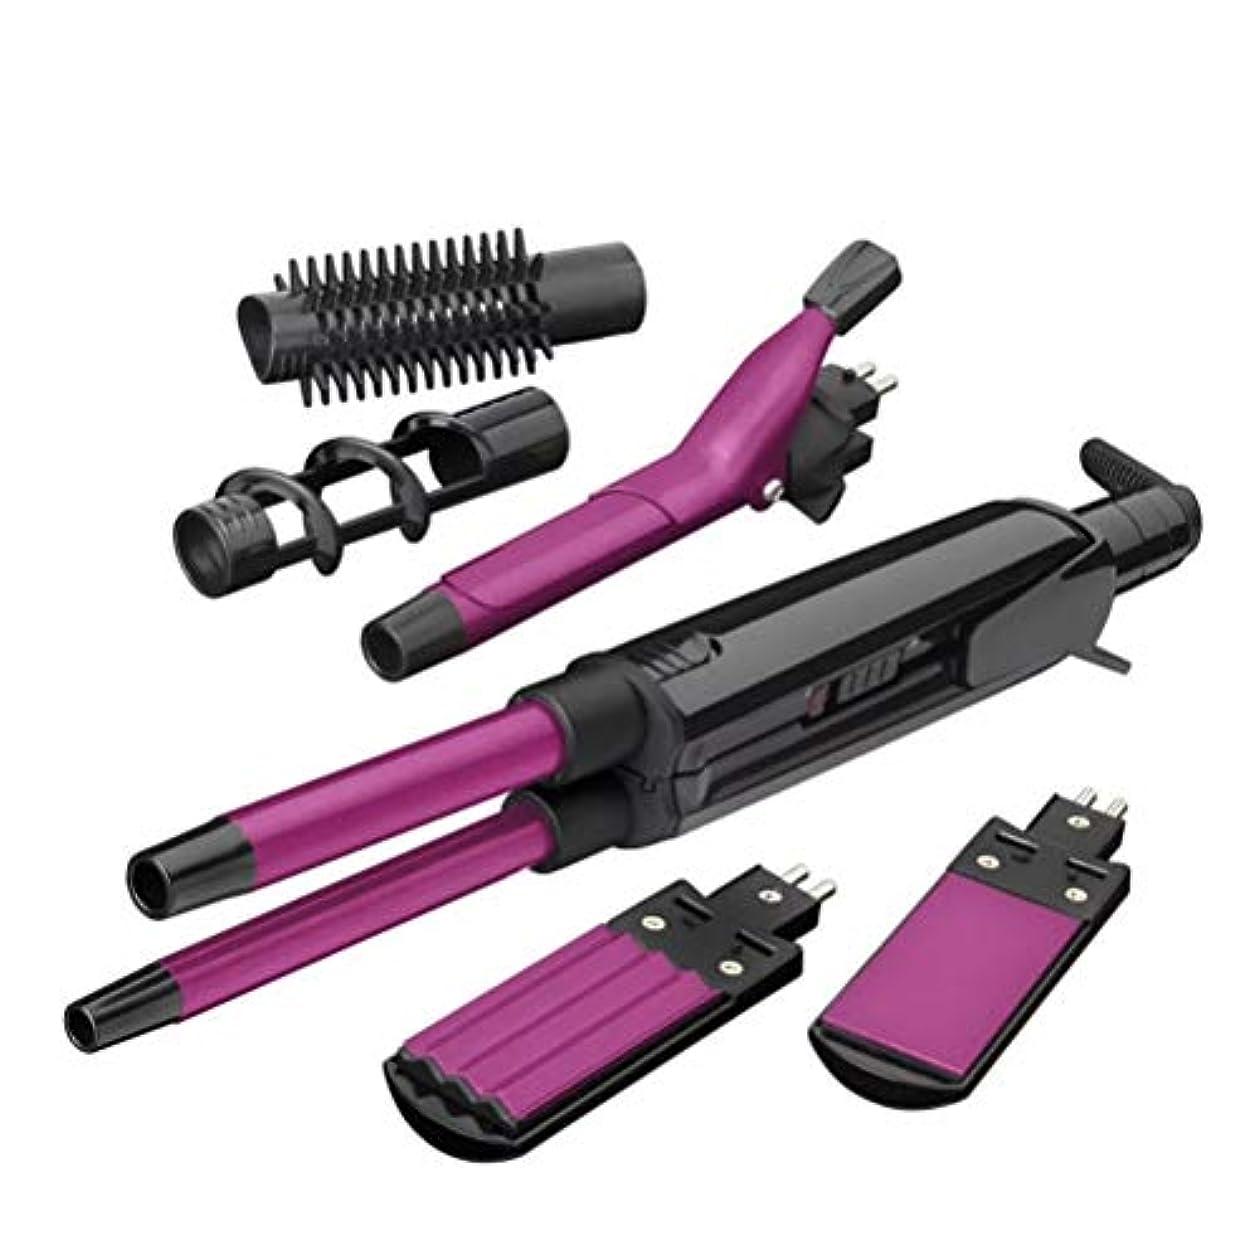 複製大陸徐々に多機能ヘアストレイテナー電動スプリントヘアカーラーふわふわクリップヘアプレート多機能ヘアピンロール(カラーパープル)